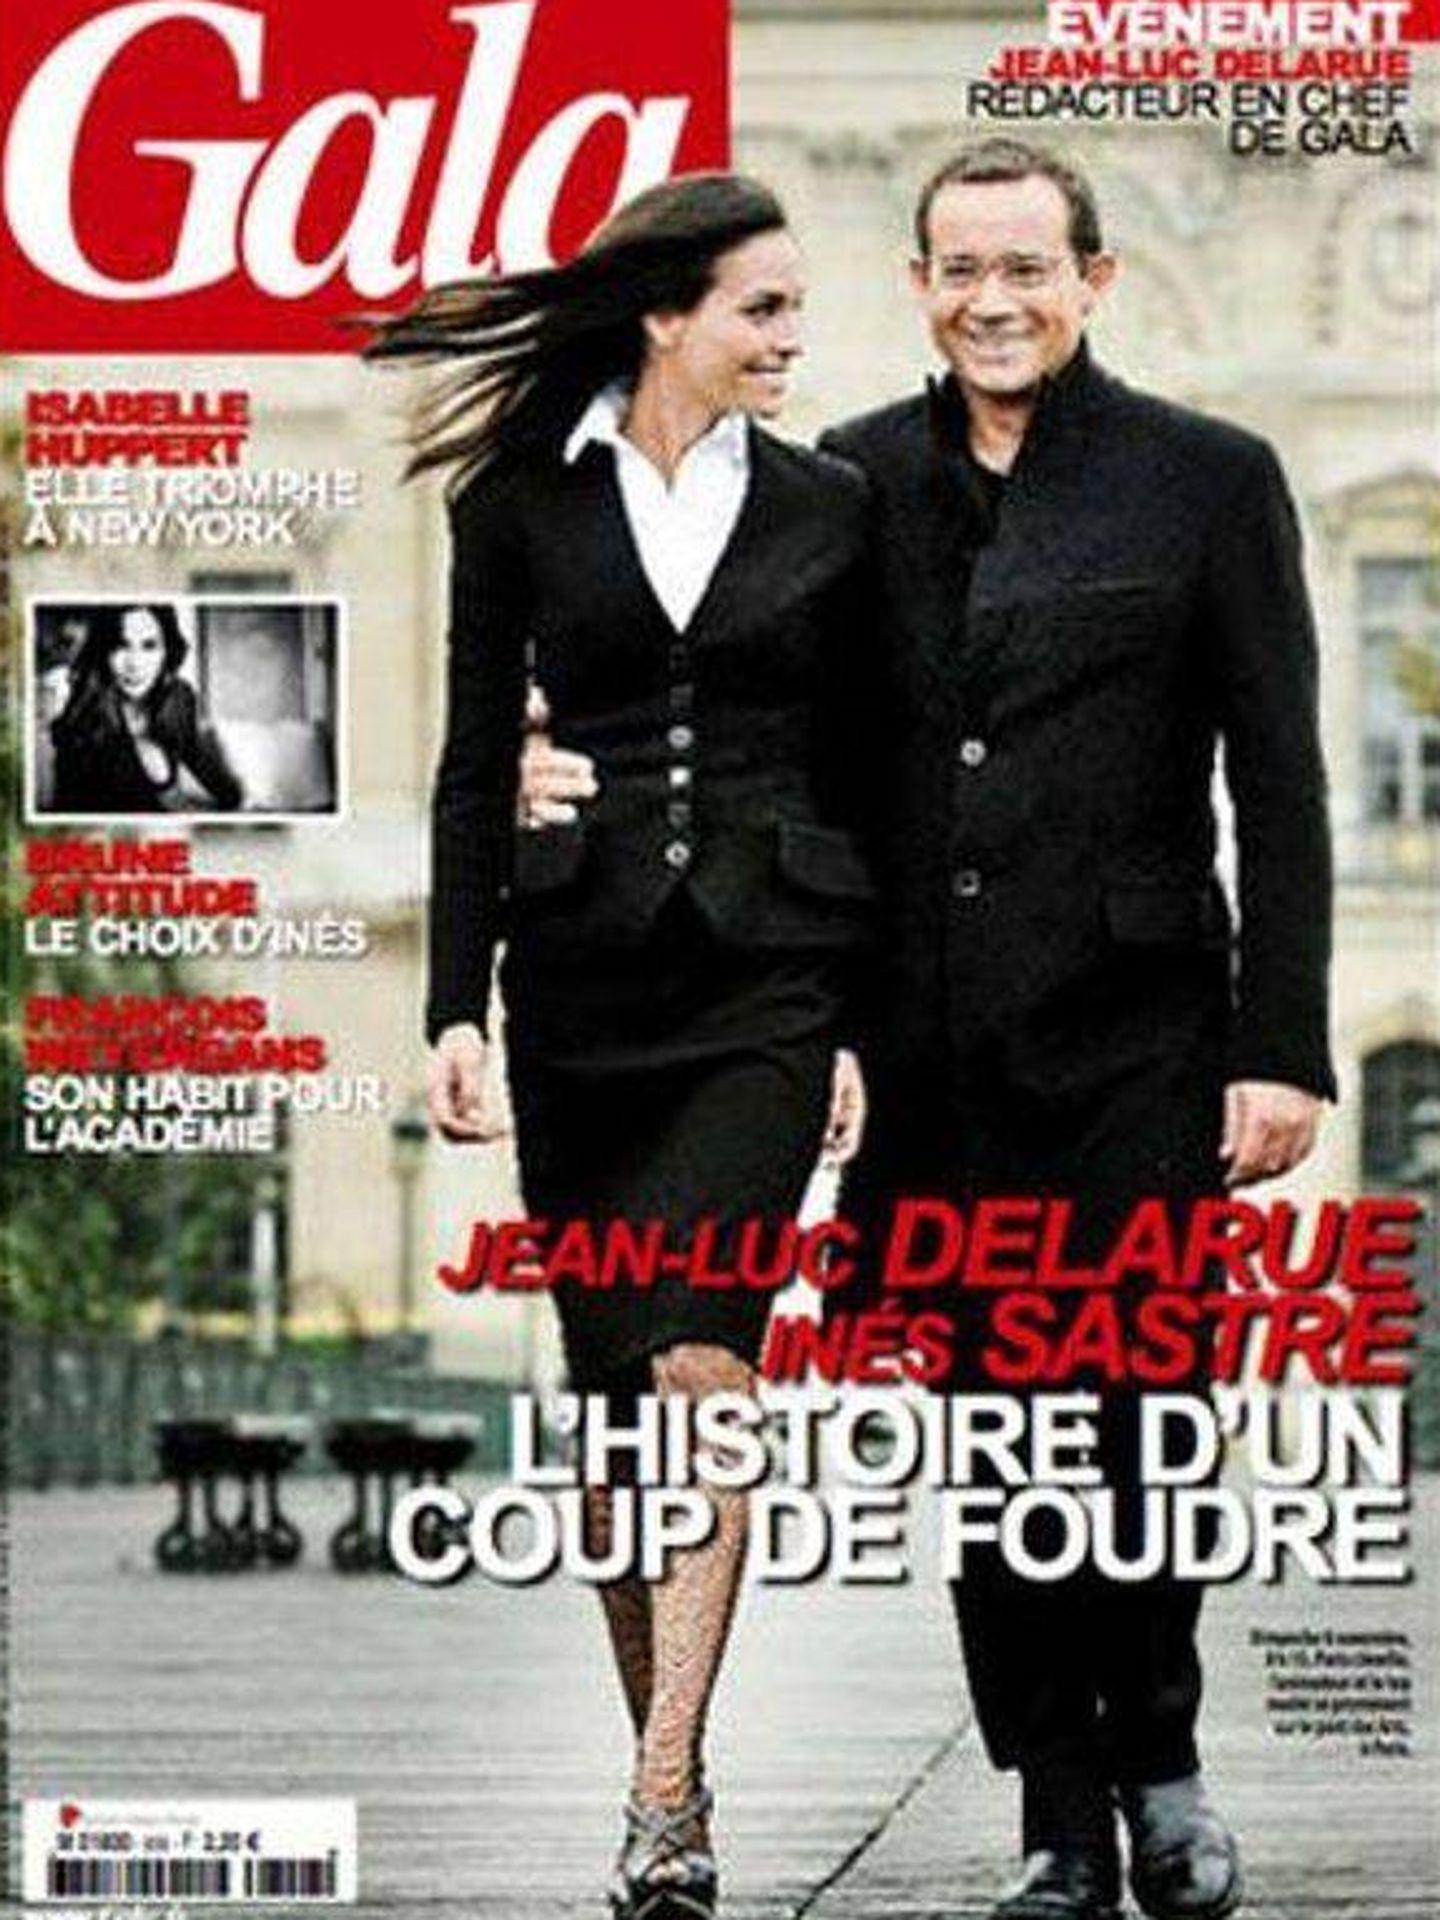 La portada de la revista 'Gala' donde hicieron pública su relación.